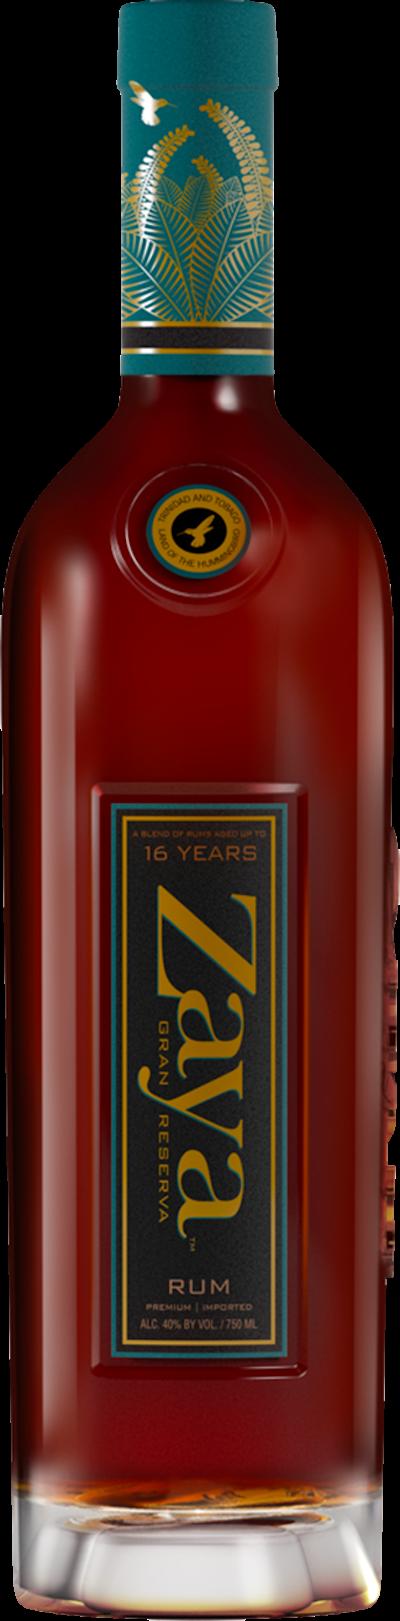 Zaya - Gran Reserva Rum